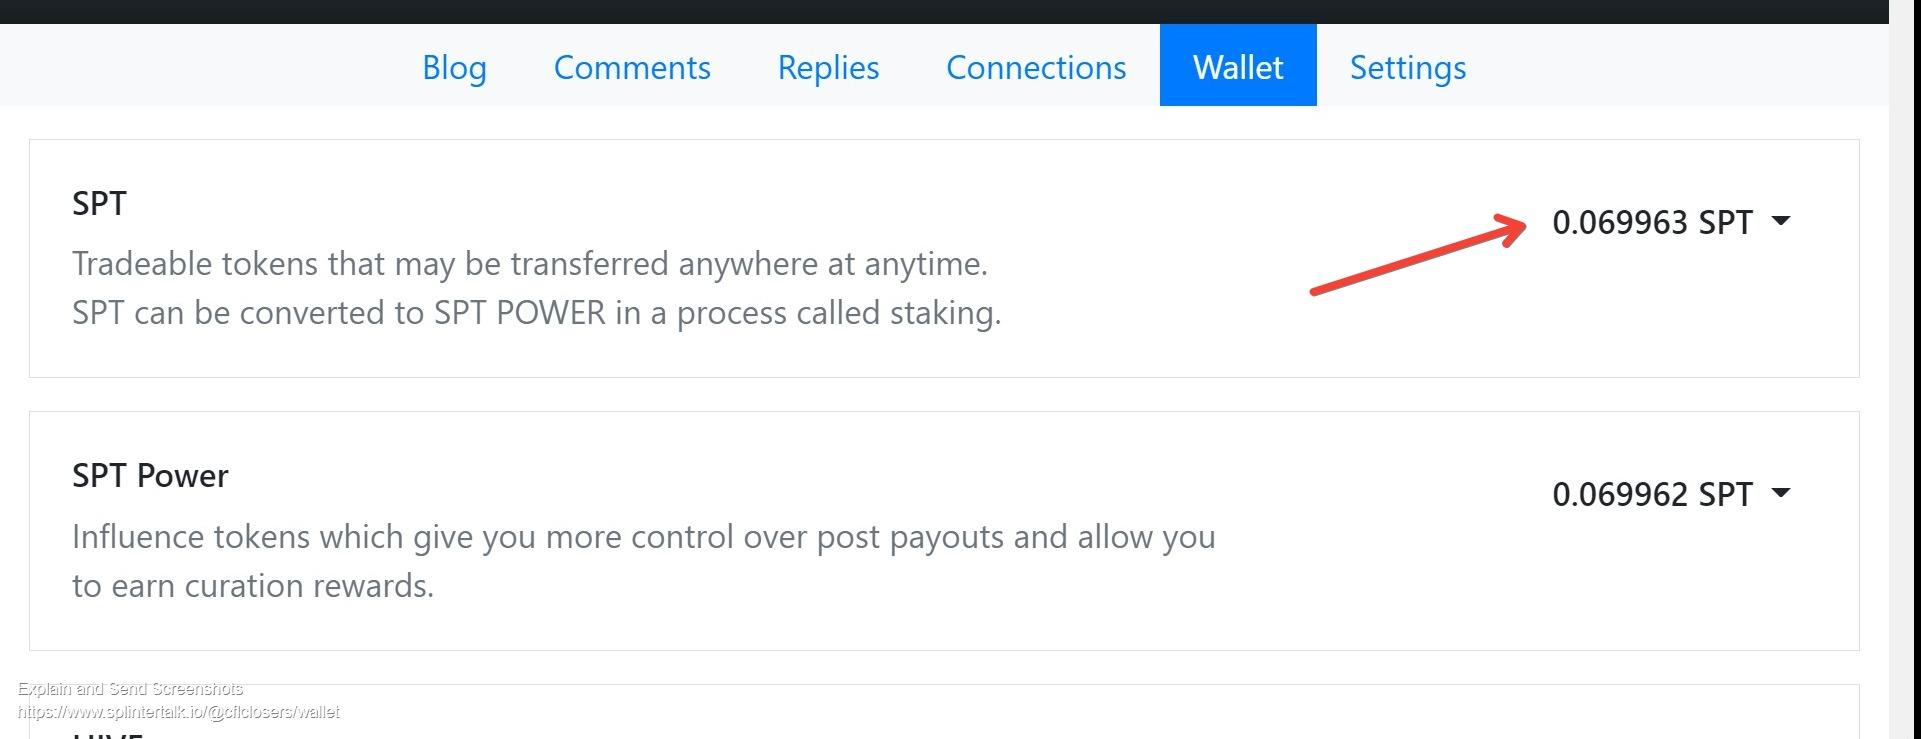 Screenshot of Wallet of Cflclosers cflclosers  Splintertalk.jpg